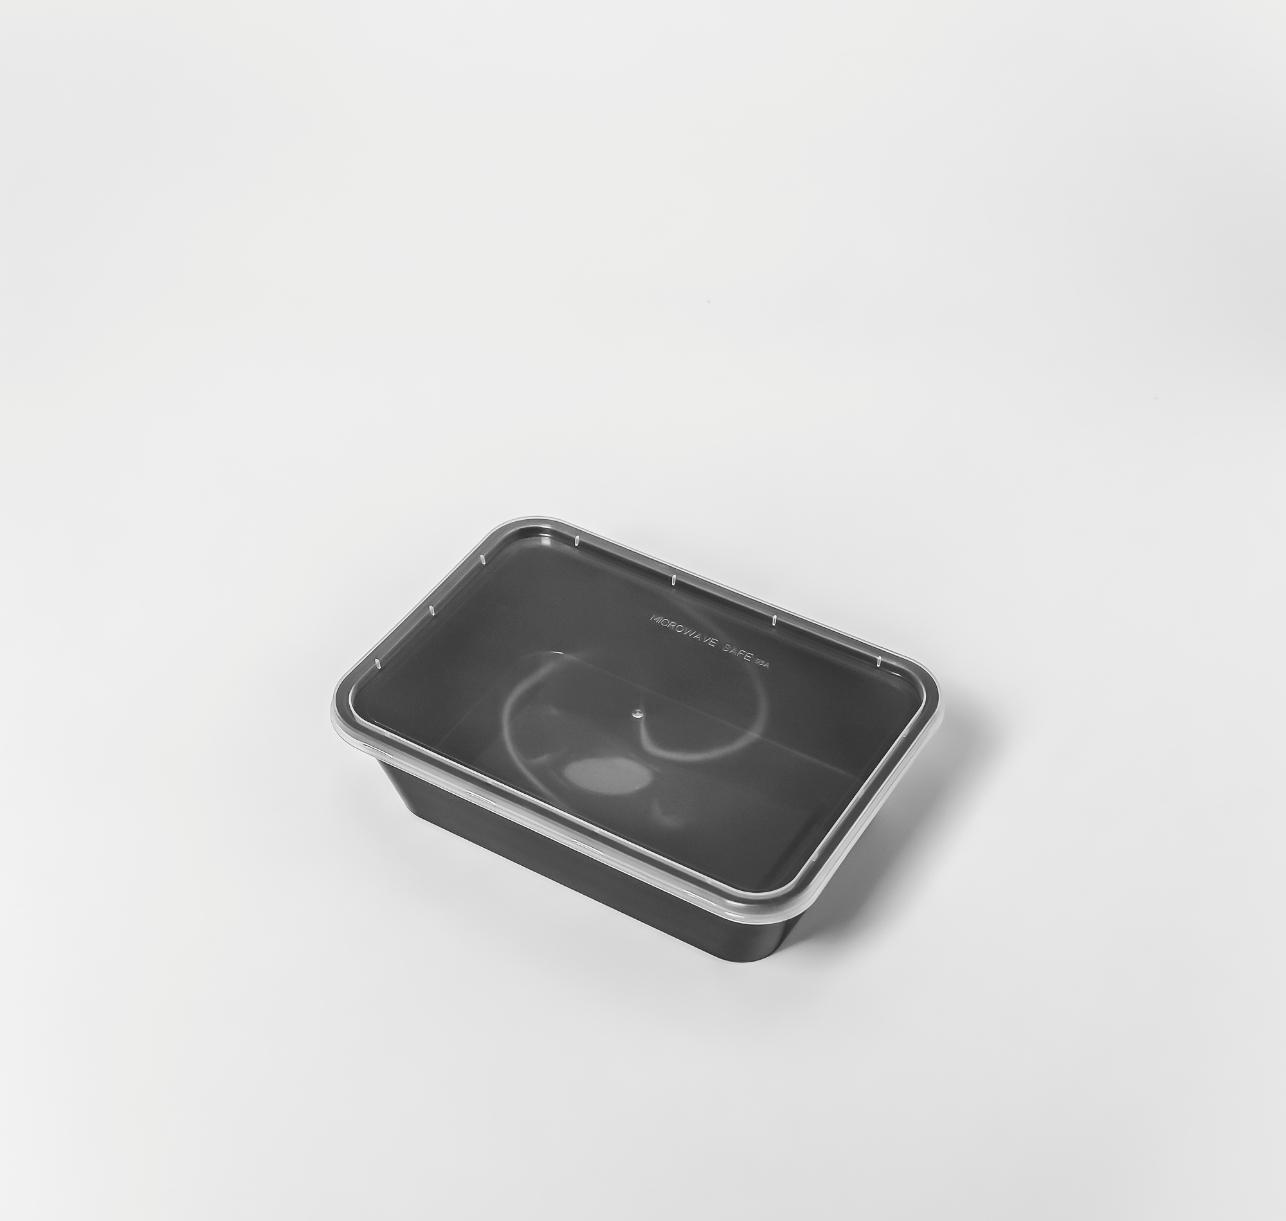 กล่องอาหารพลาสติก 1 ช่อง premium 750ml